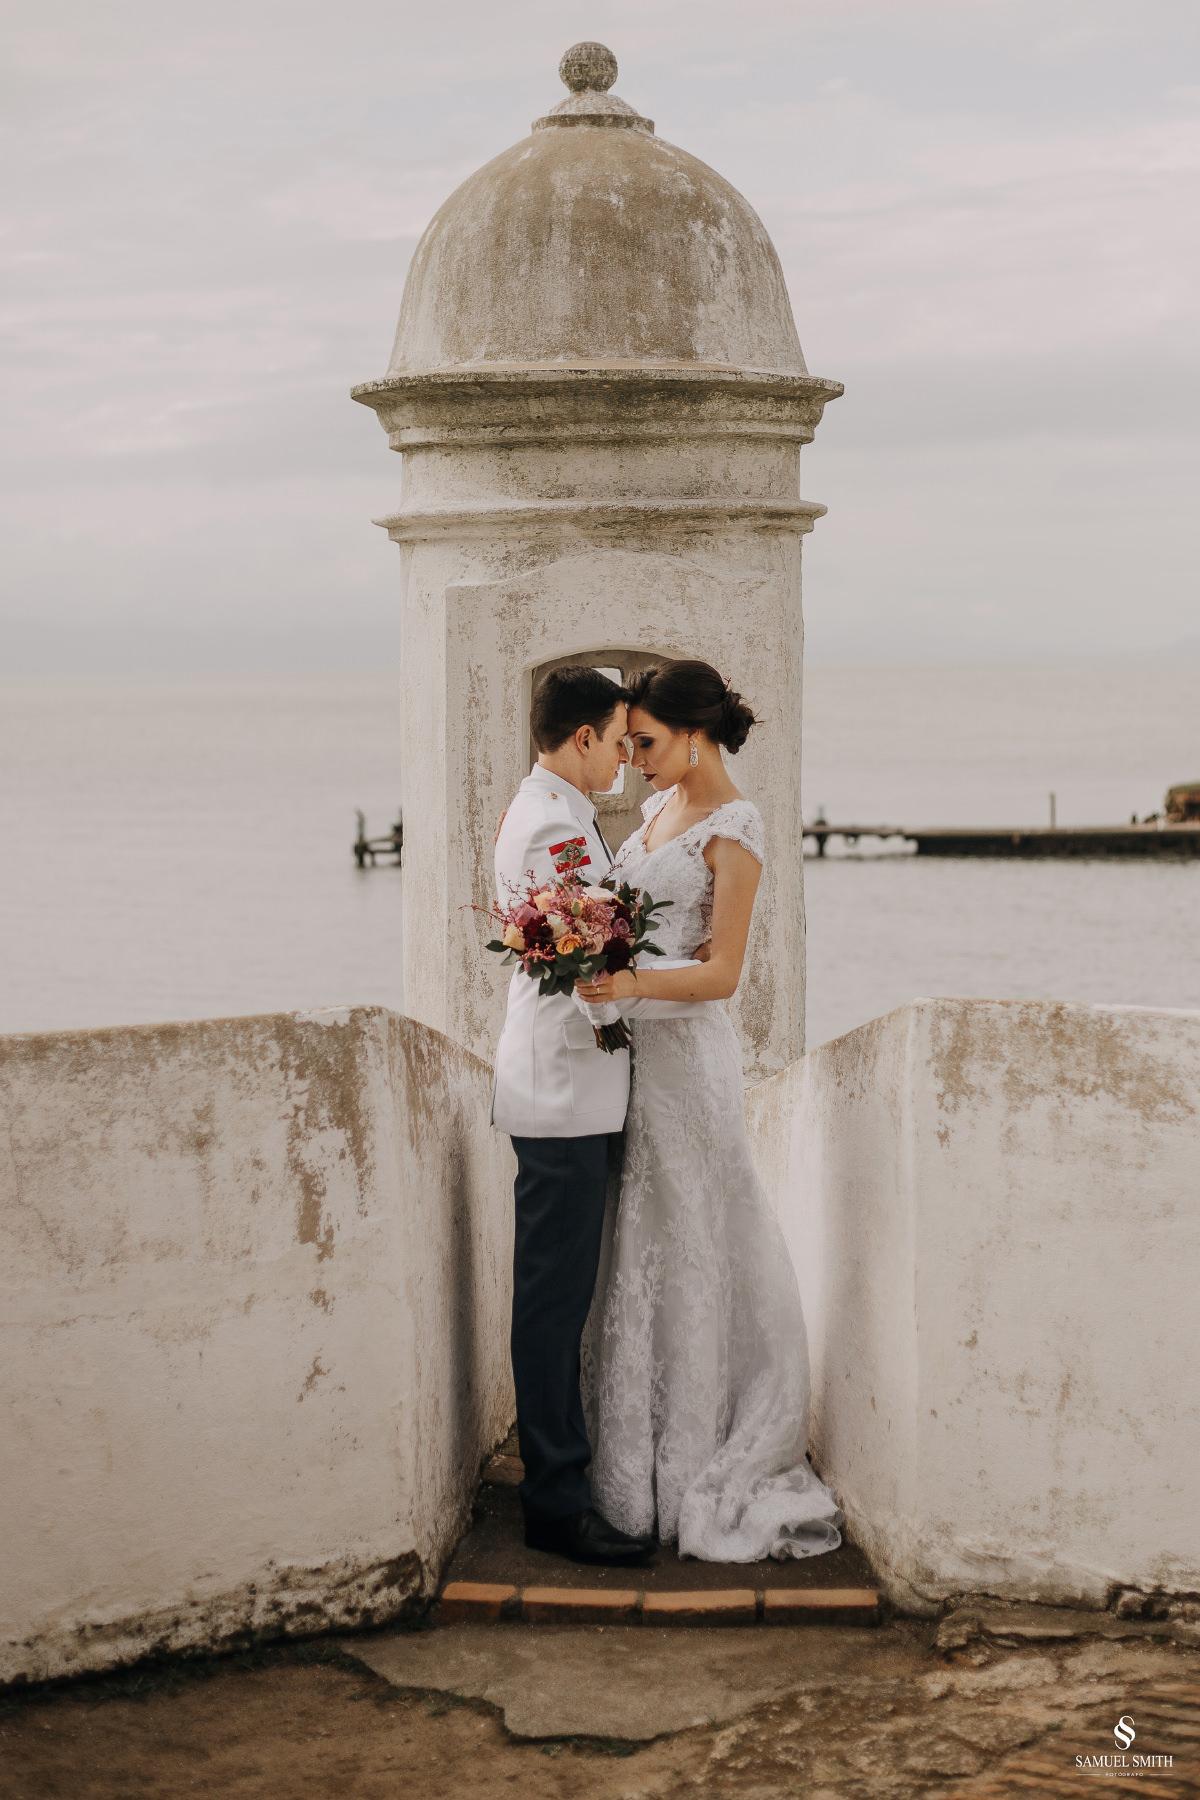 casamento ensaio fotográfico florianópolis praia da joaquina bombeiros floripa book casal noivos fotógrafo (8)